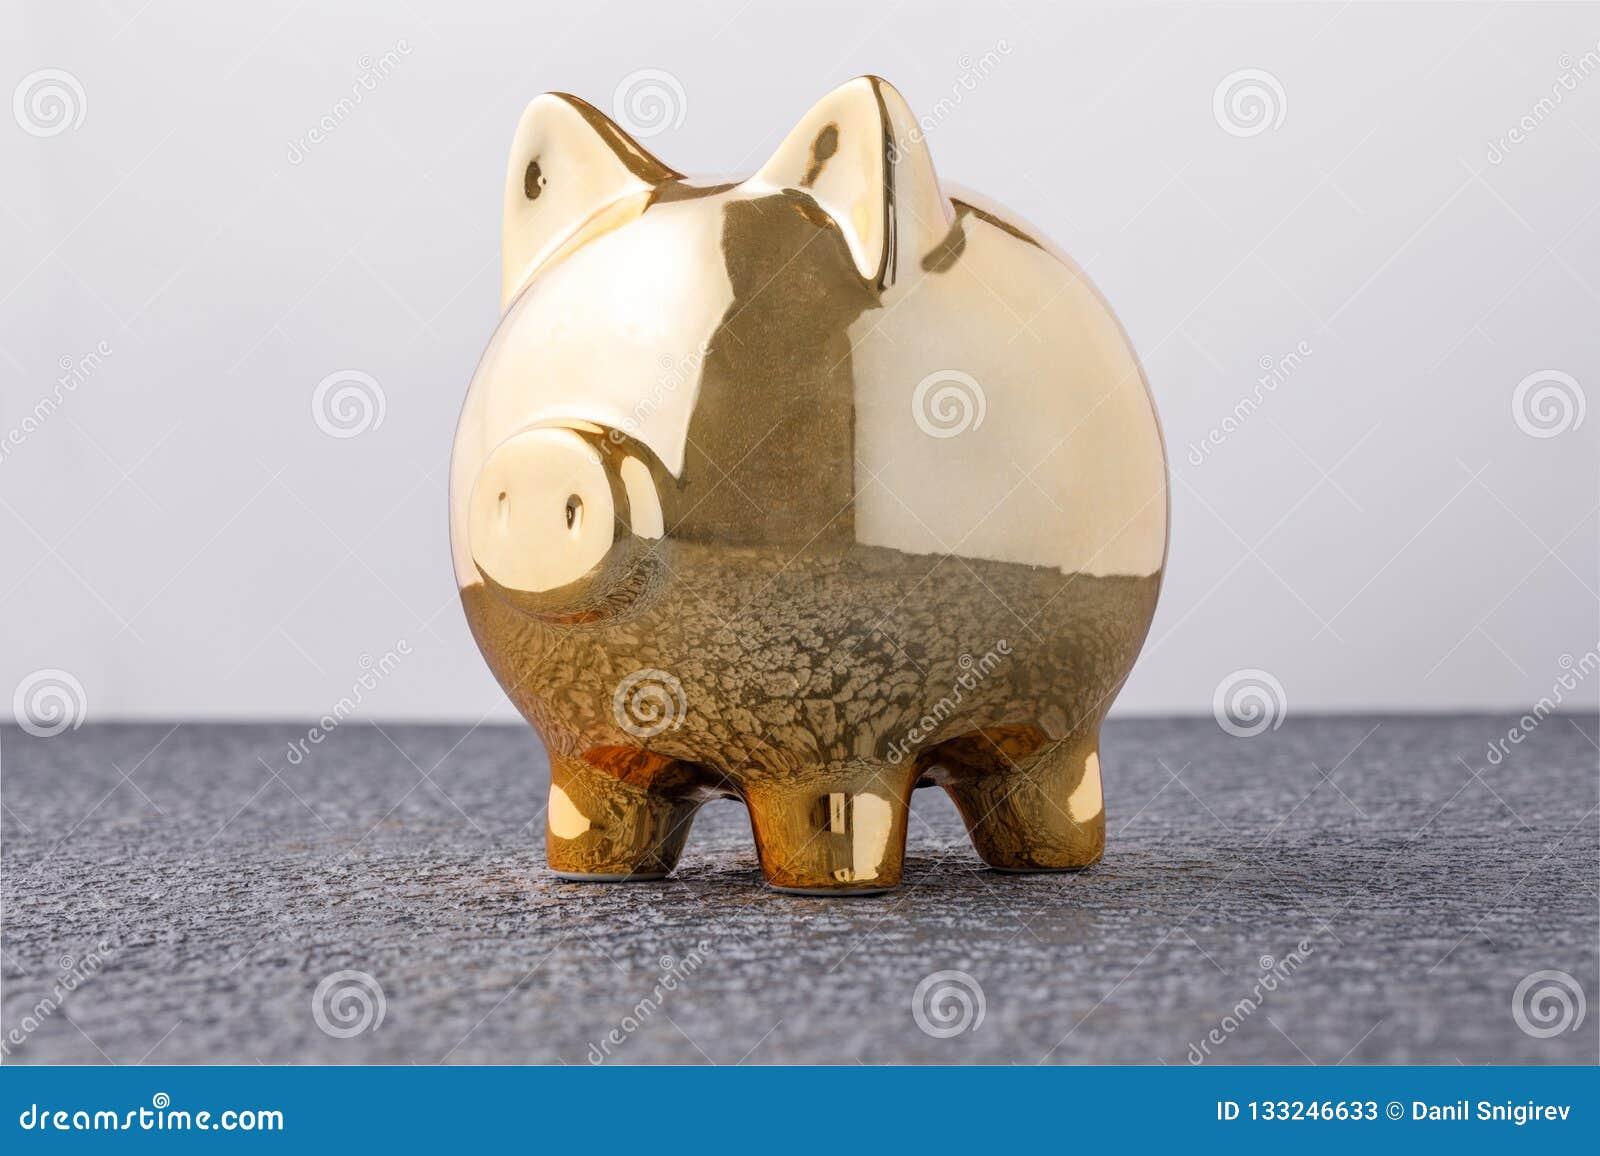 Денежный ящик свиньи золотой на черной концепции предпосылки финансовых страхования, защиты, надежного вложения капитала или банк